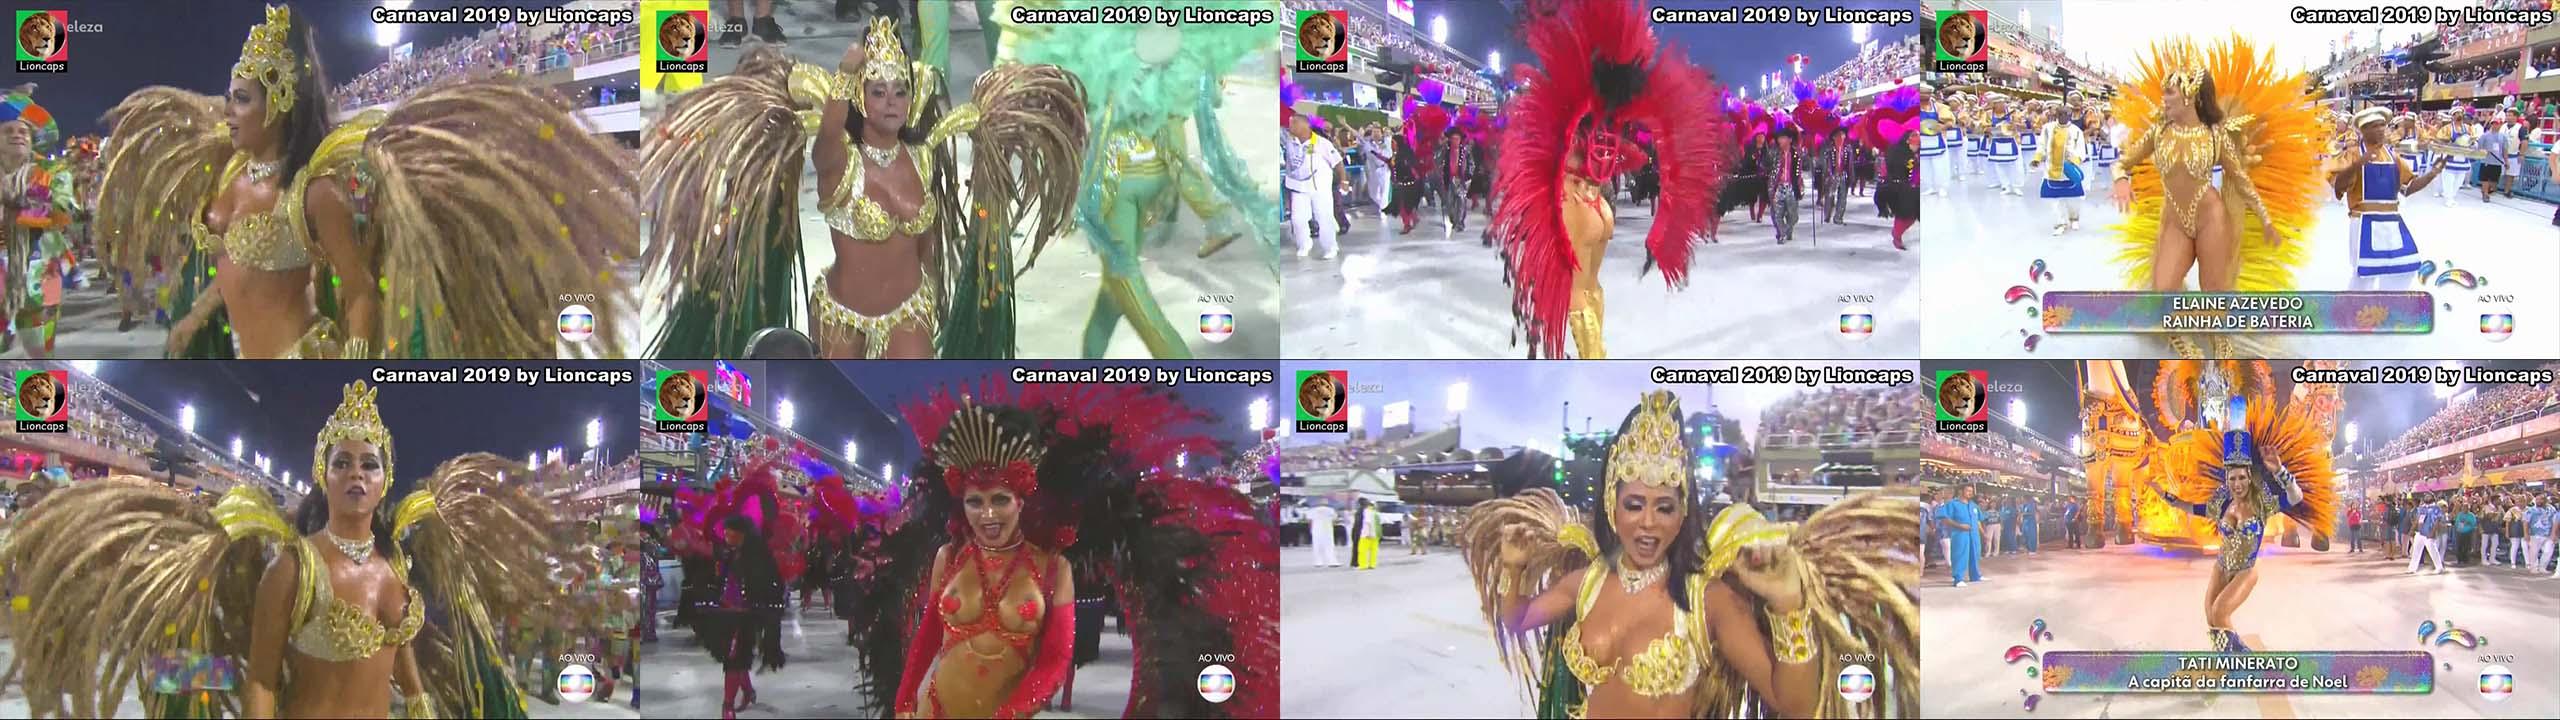 491493934_carnaval_2019_lioncaps_09_02_2020_03_122_180lo.jpg